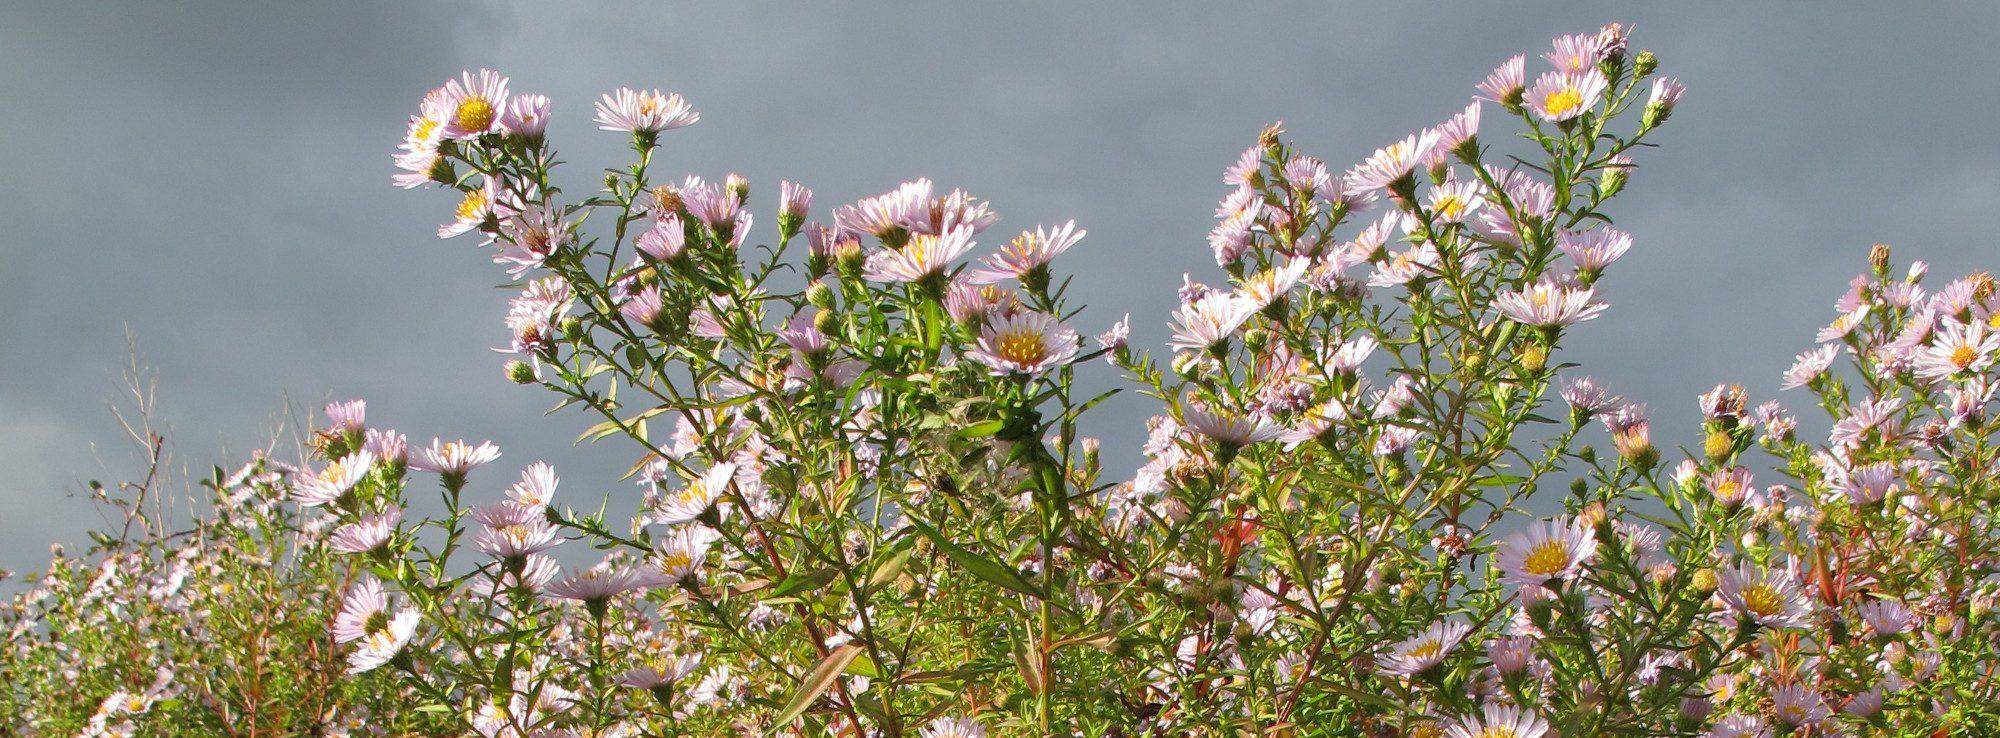 Glattblatt-Herbstaster